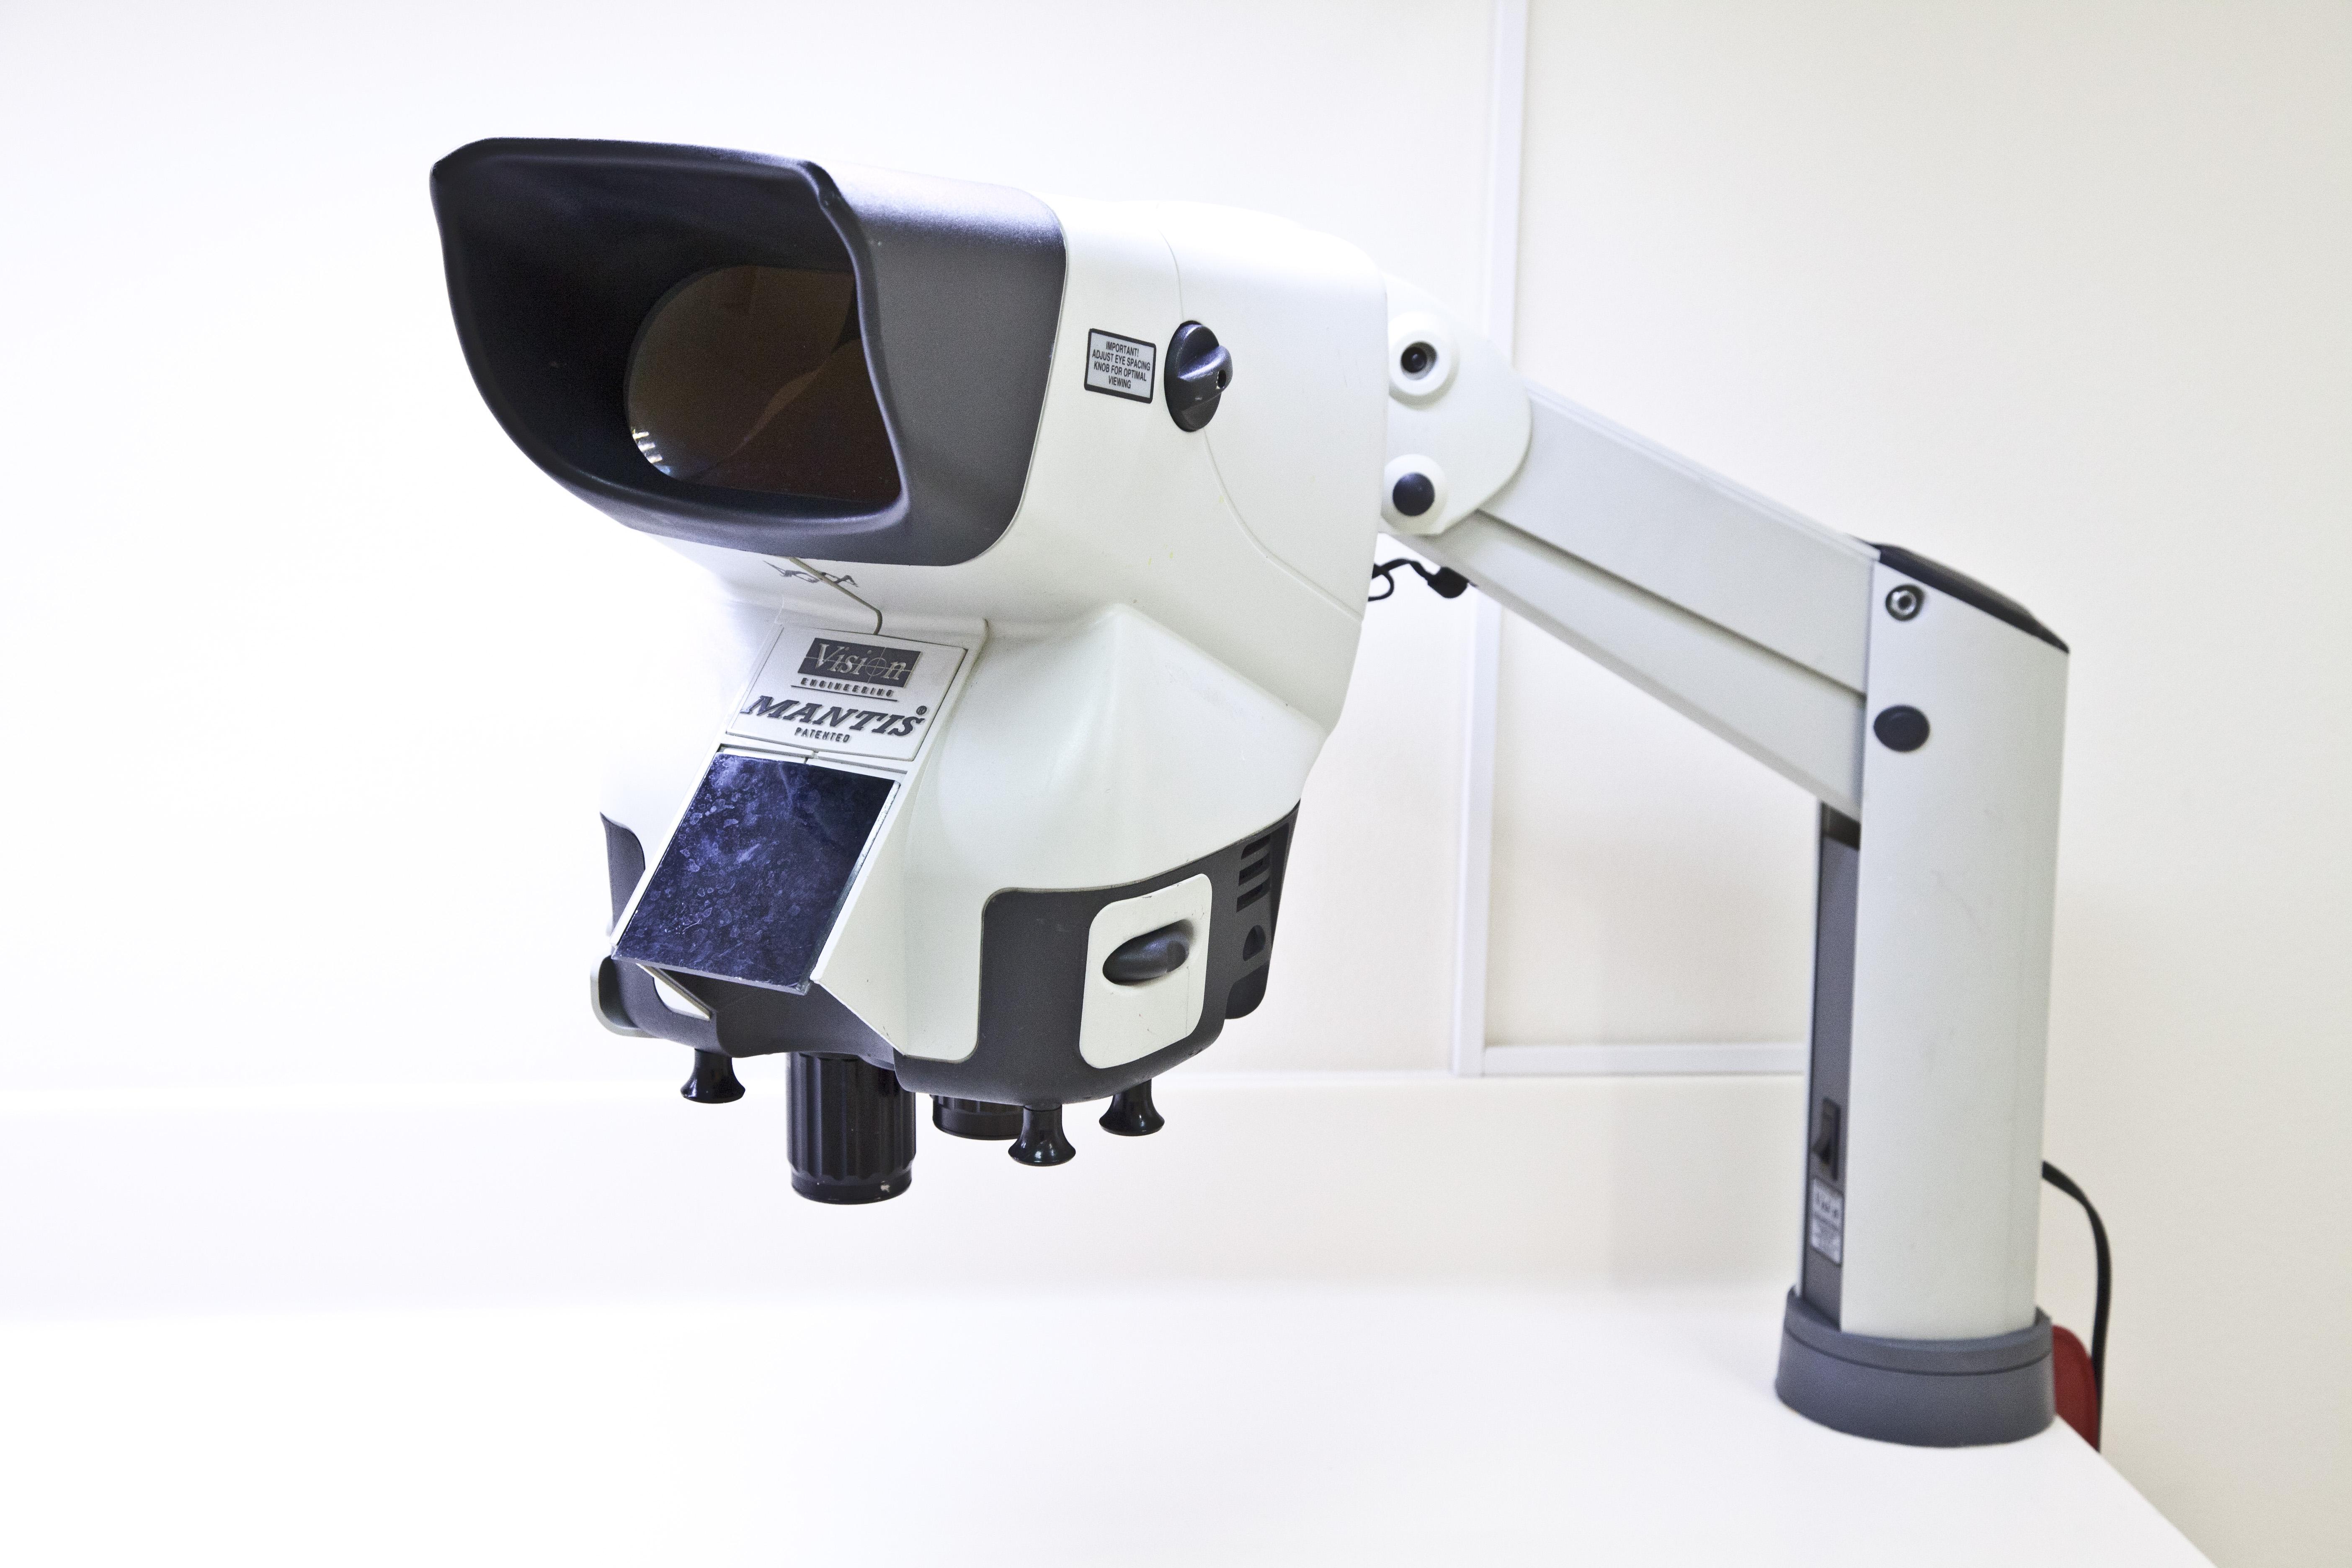 μικροβιολογικό ειδικό μικροσκόπιο